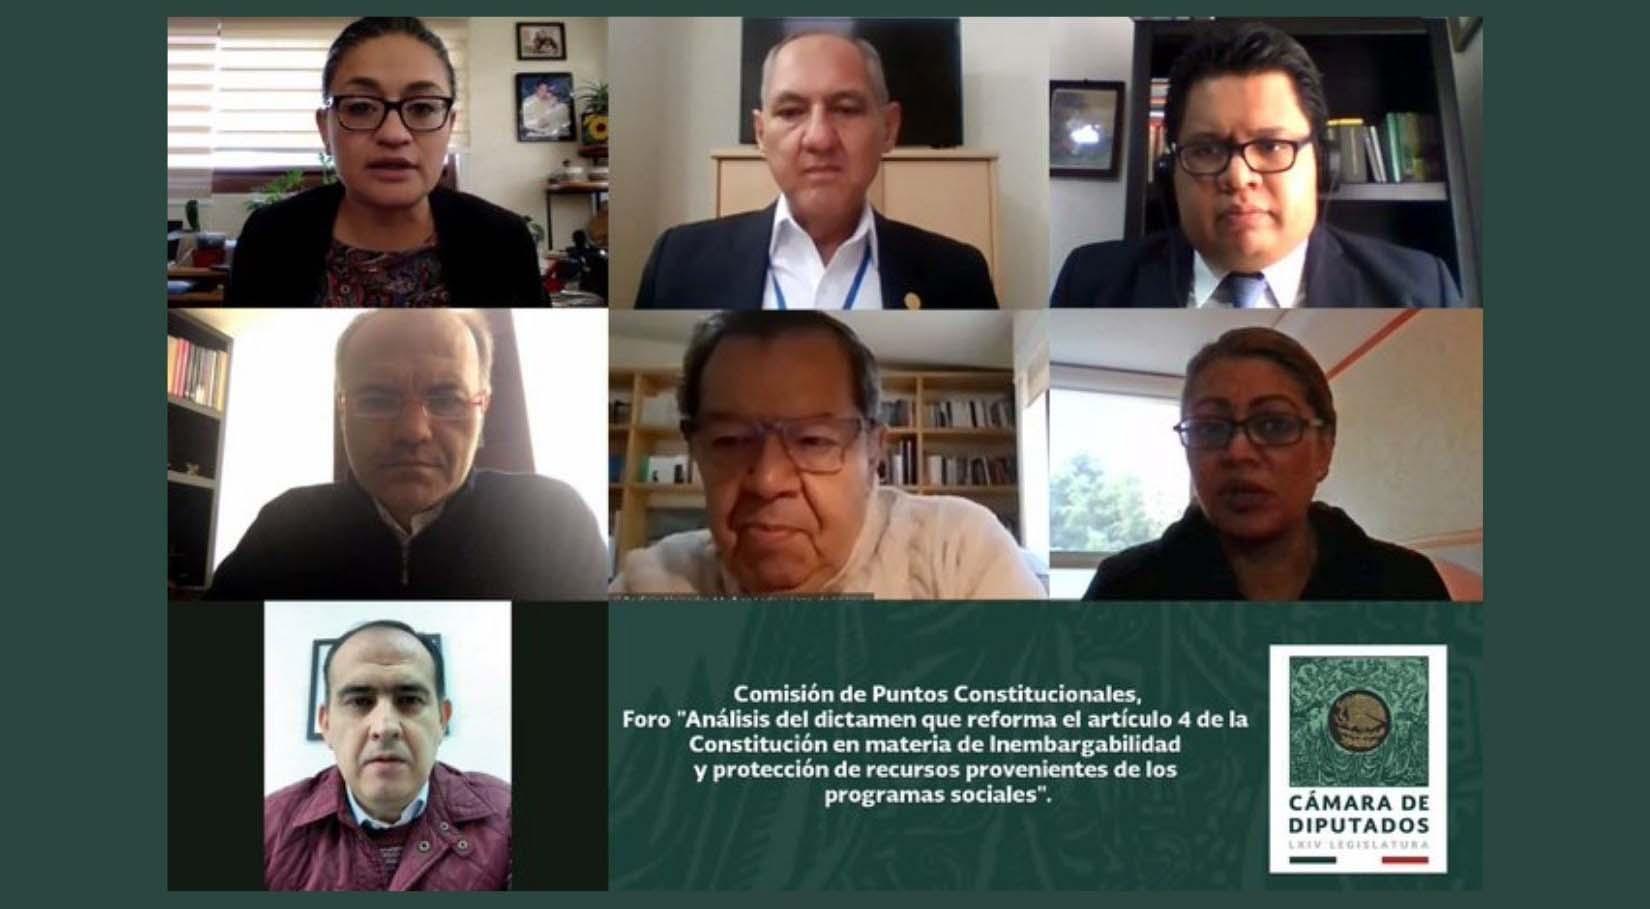 Comisi%C3%B3n+de+Puntos+Constitucionales+analiza+proteger+recursos+provenientes+de+programas+sociales